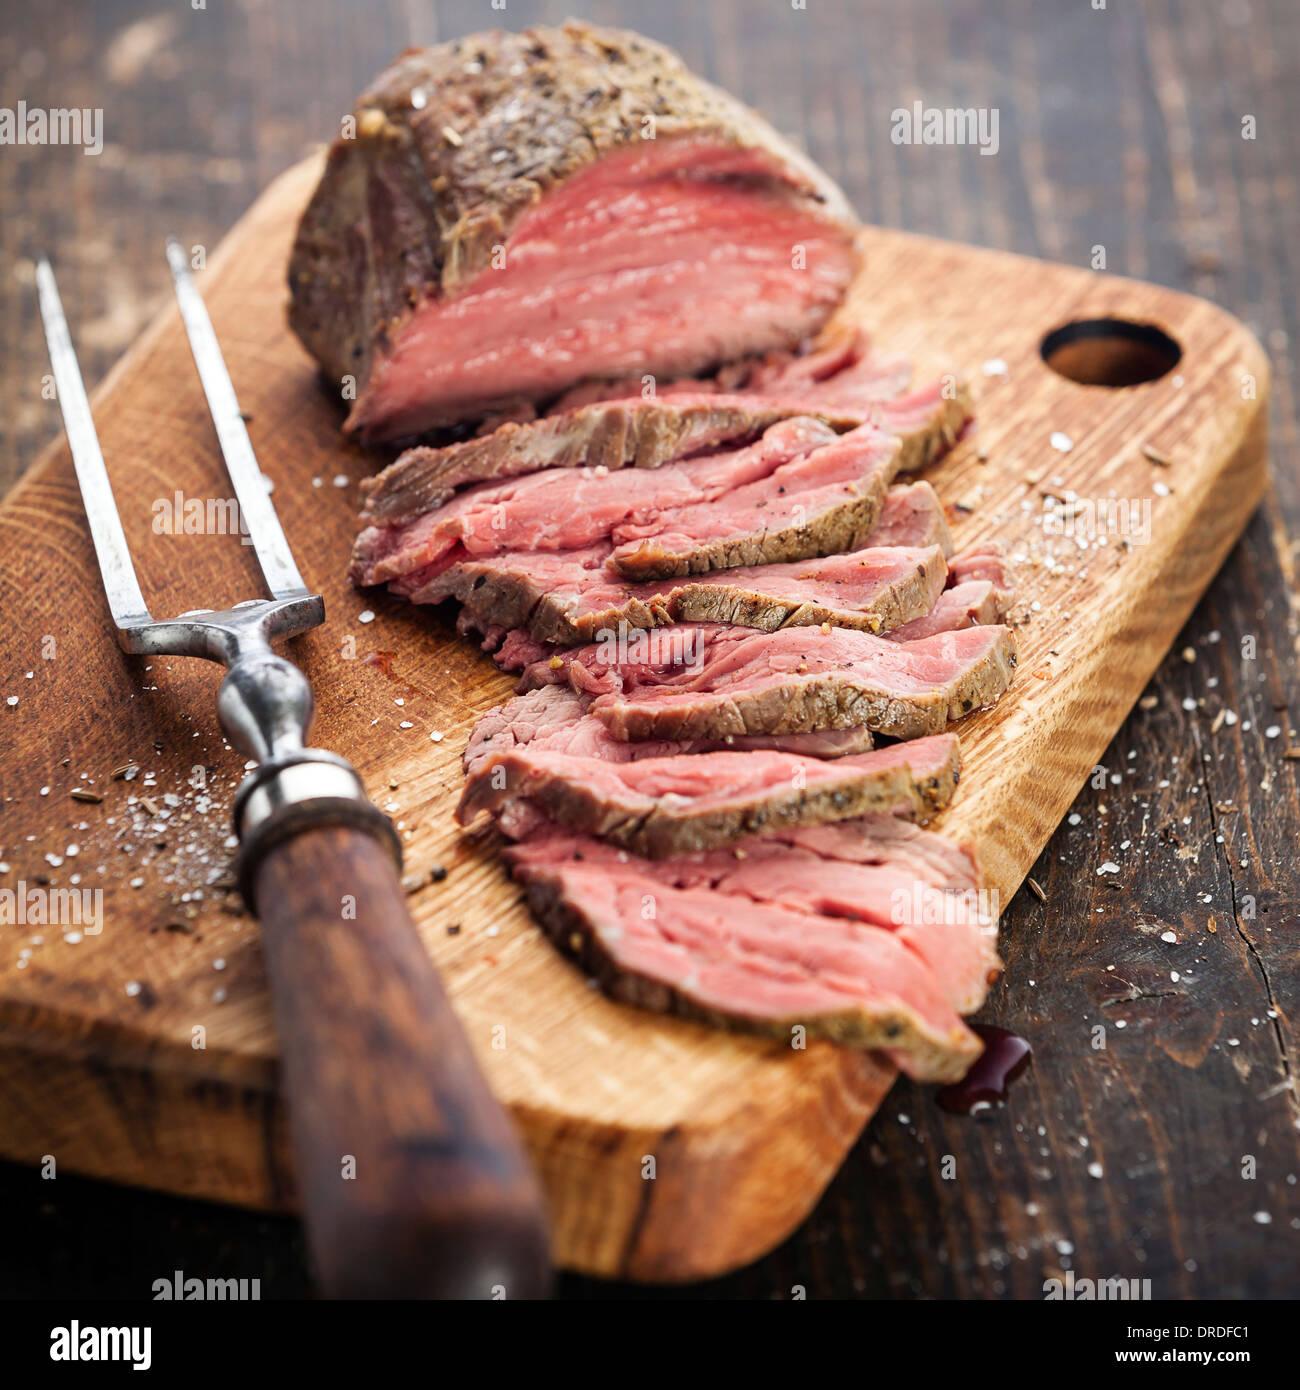 Rôti de boeuf sur une planche à découper et fourchette à viande Photo Stock